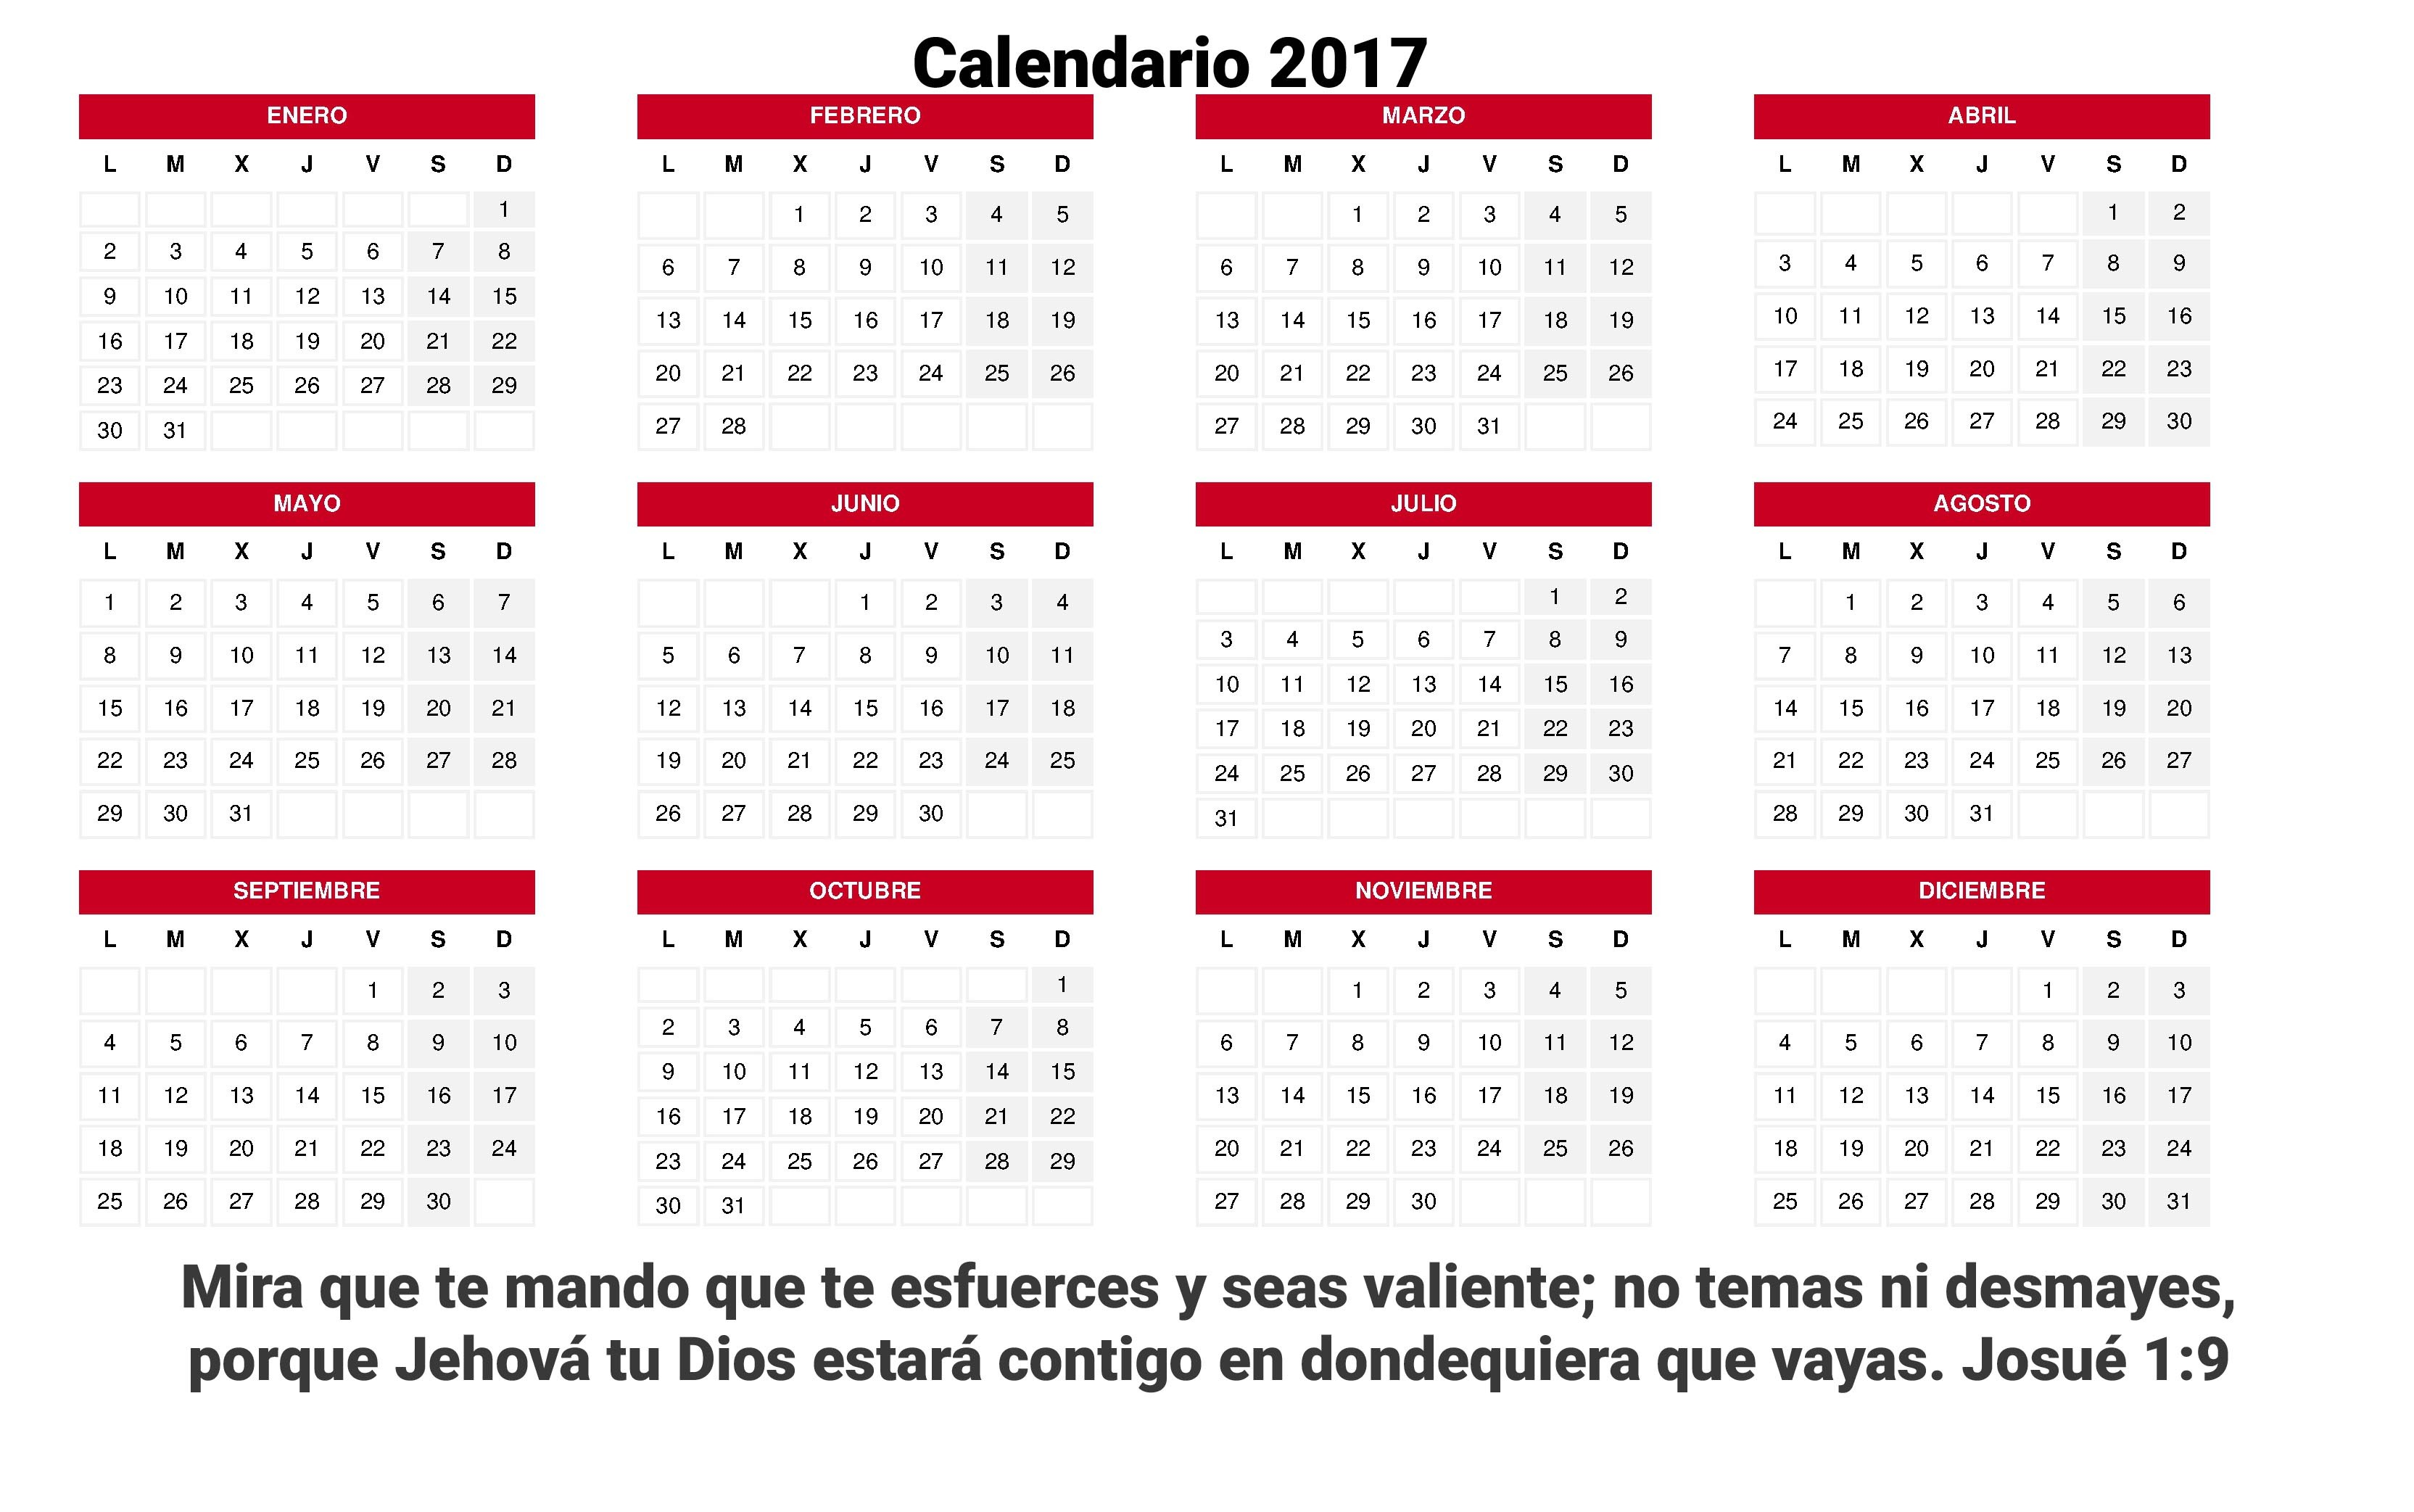 Calendario Enero 2019 Para Imprimir Más Recientes Calendarios Del Mes Kordurorddiner Of Calendario Enero 2019 Para Imprimir Recientes Julian Date Calendar Printable theminecraftserver Best